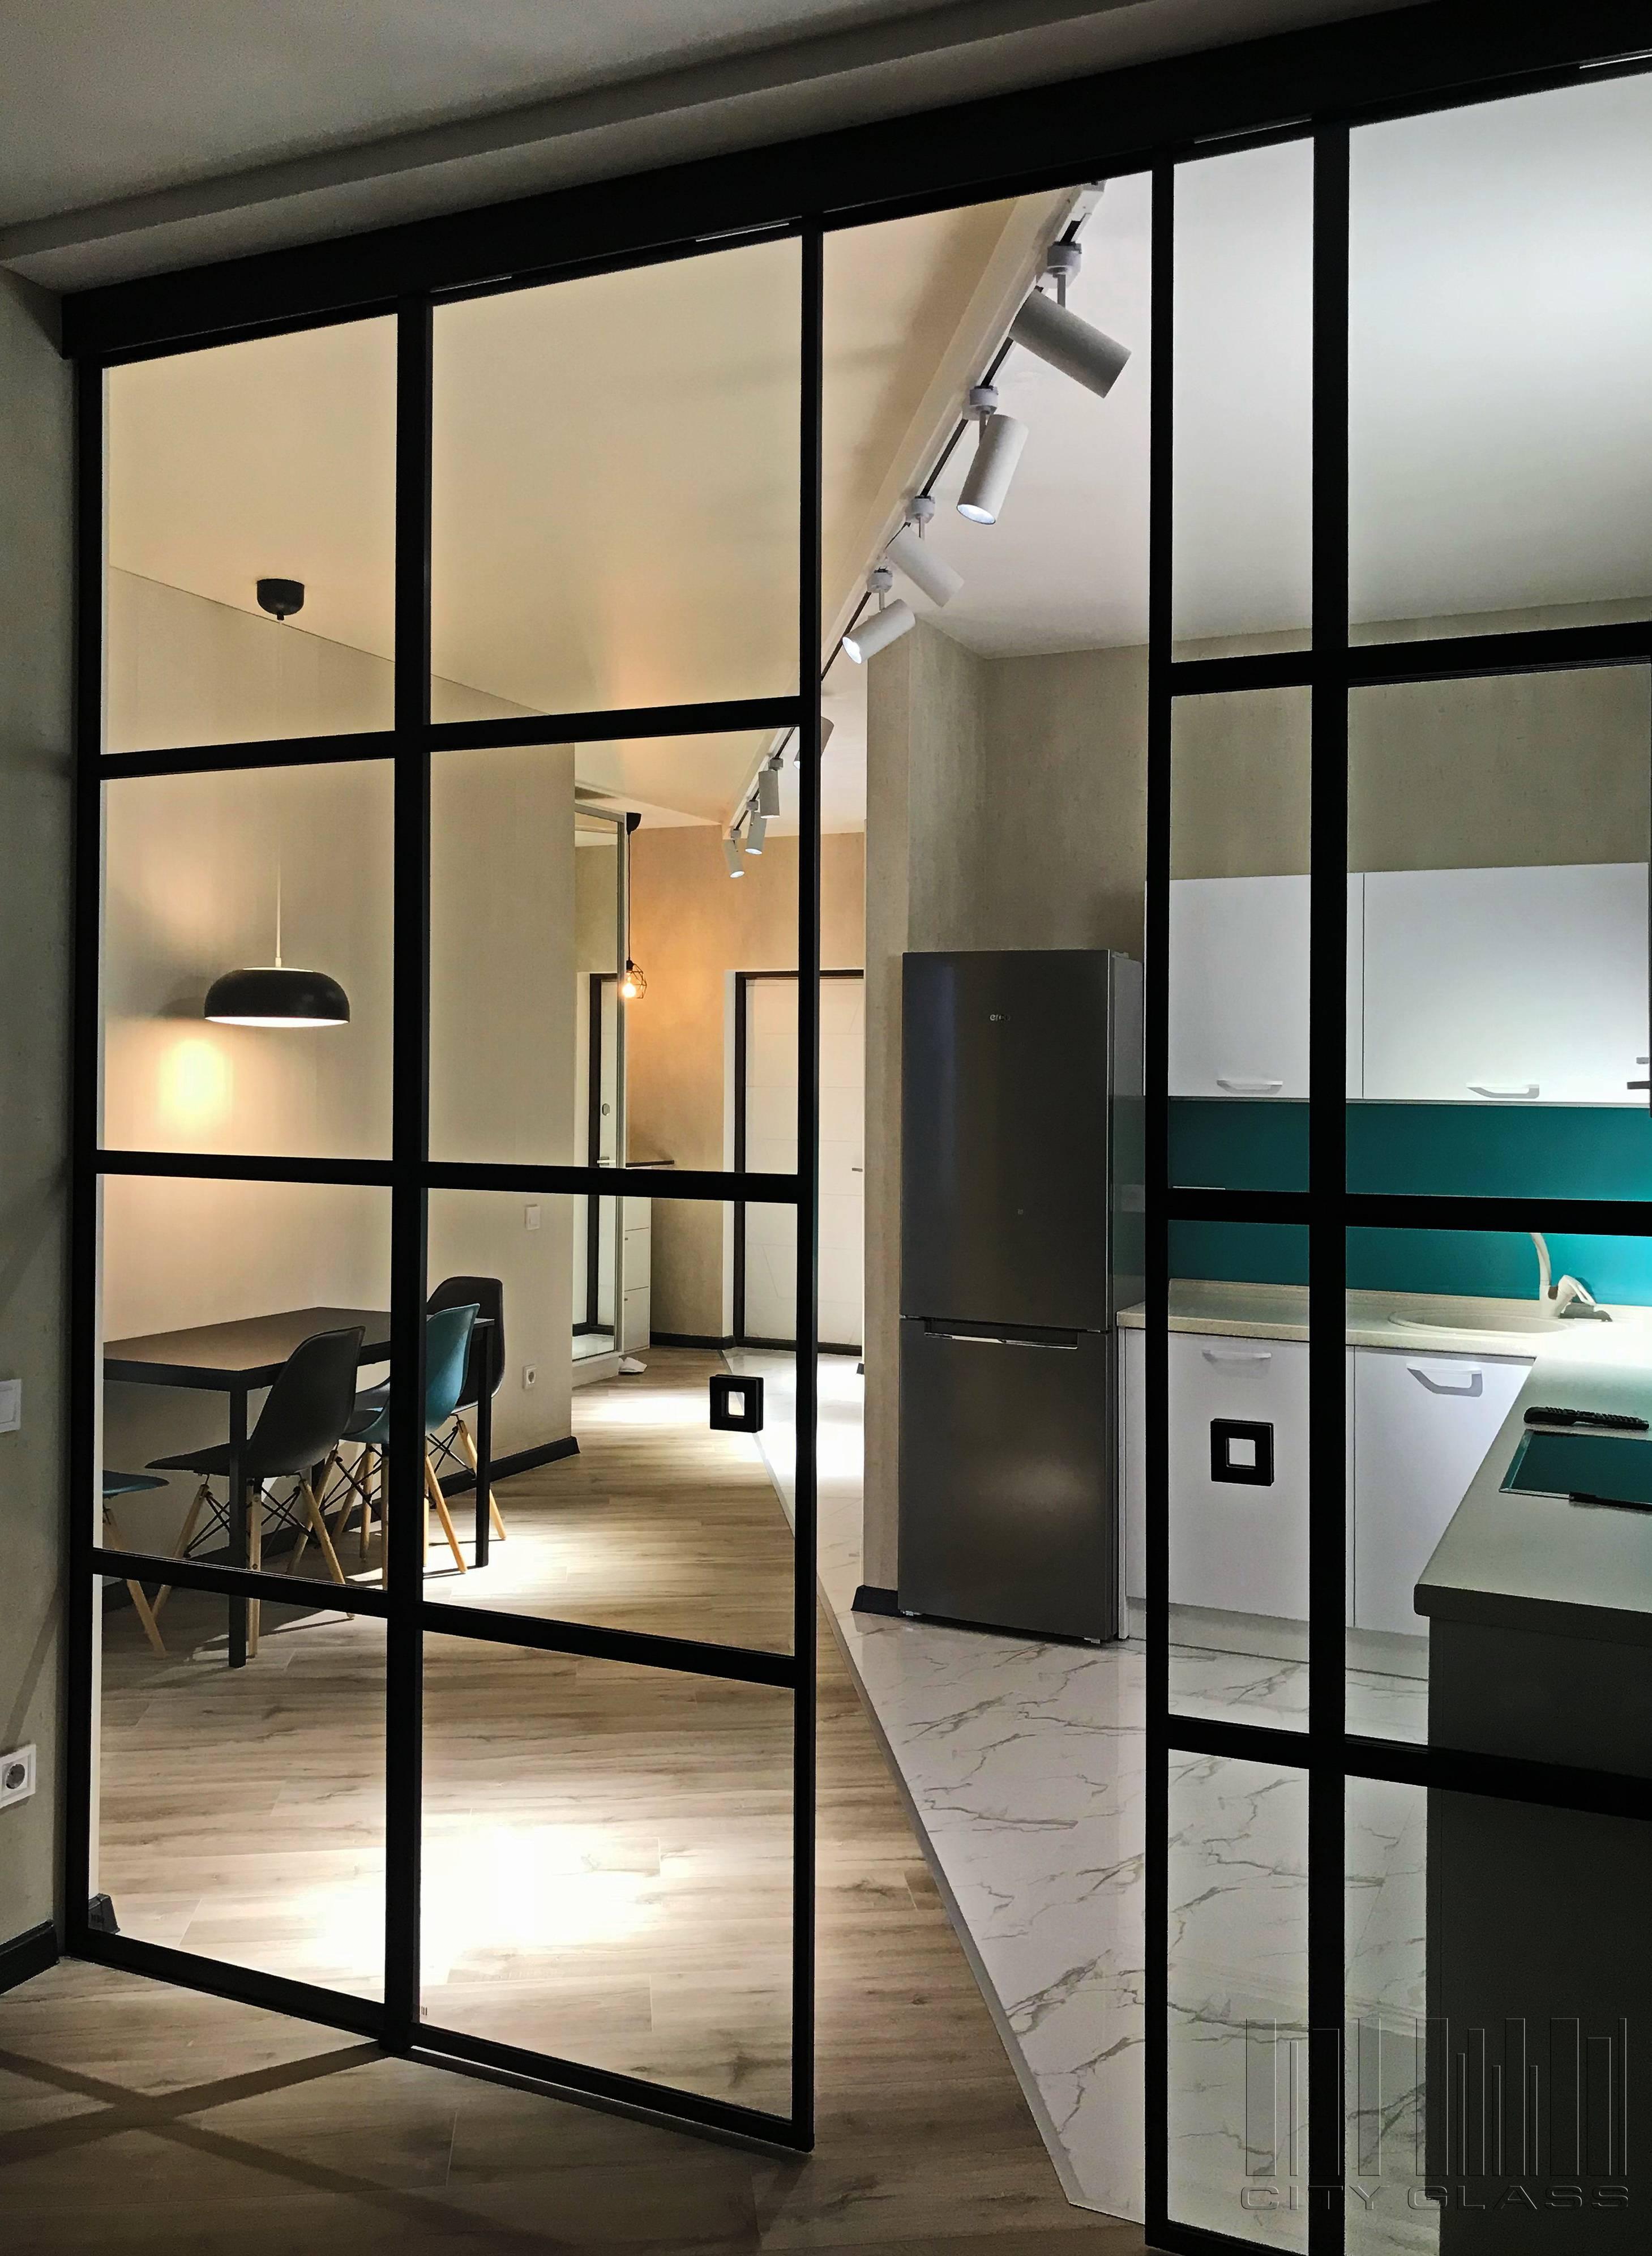 Замеры для изготовления стеклянных конструкций. перегородки из стекла: виды, толщина стекла, монтаж кто выполняет замер проёмов